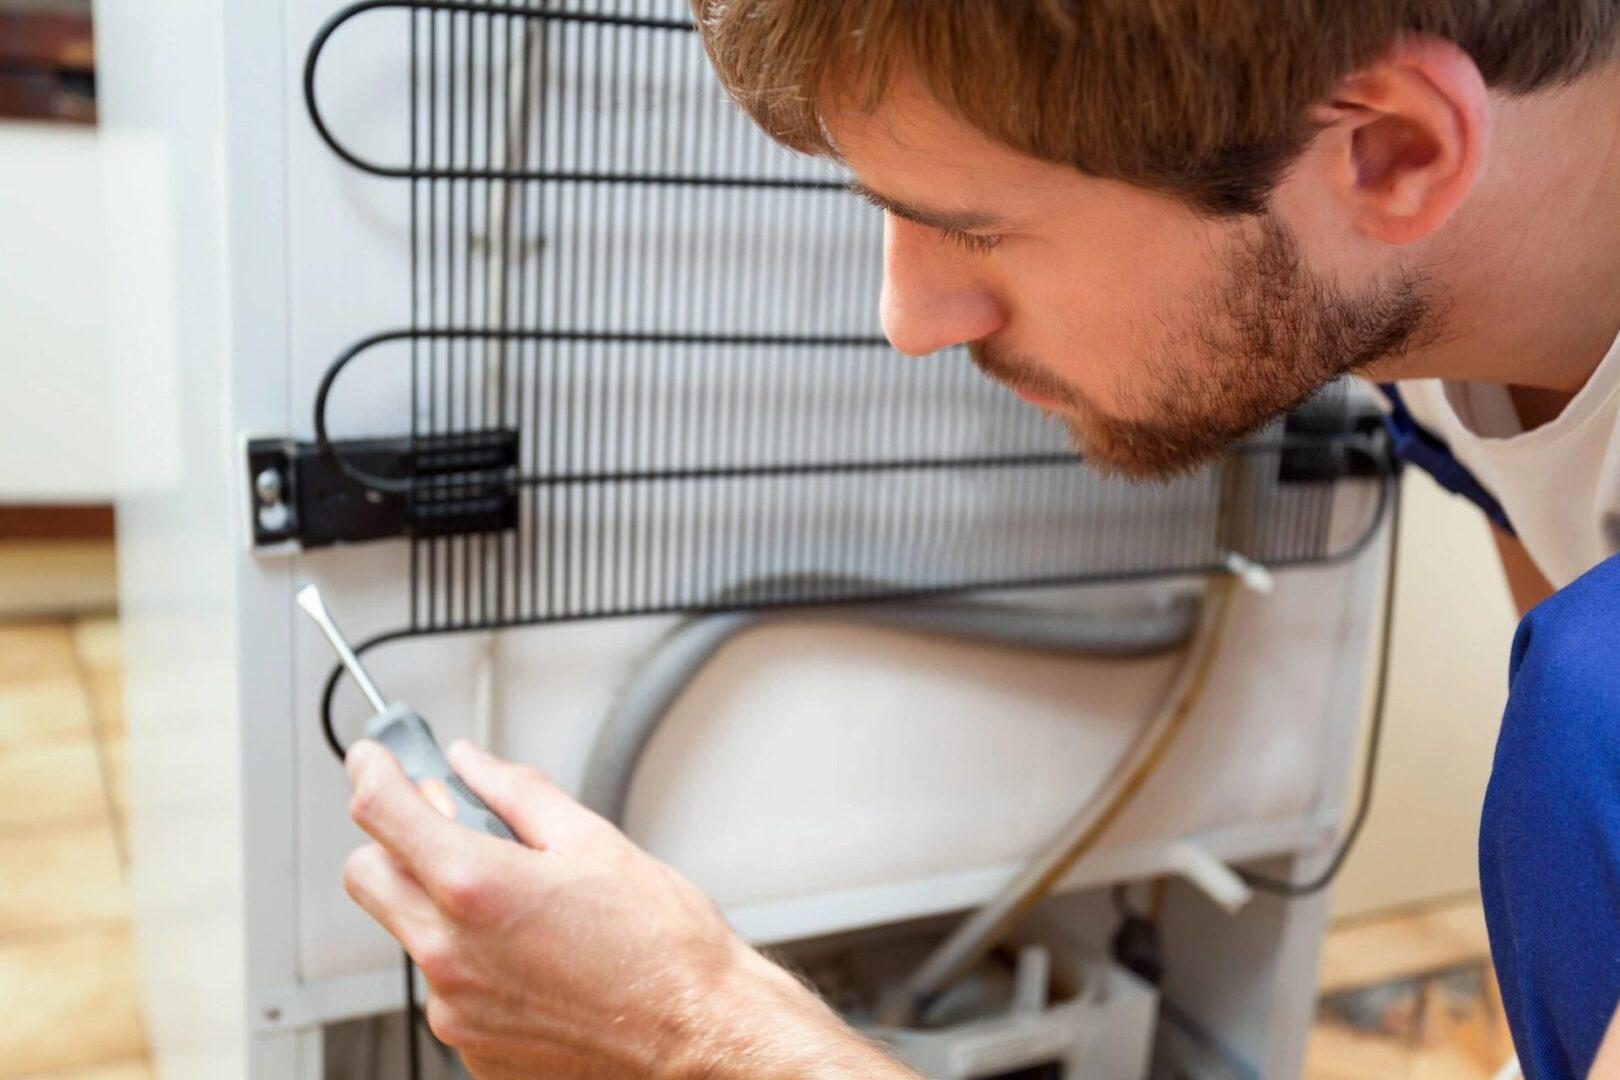 1st Appliance Repair